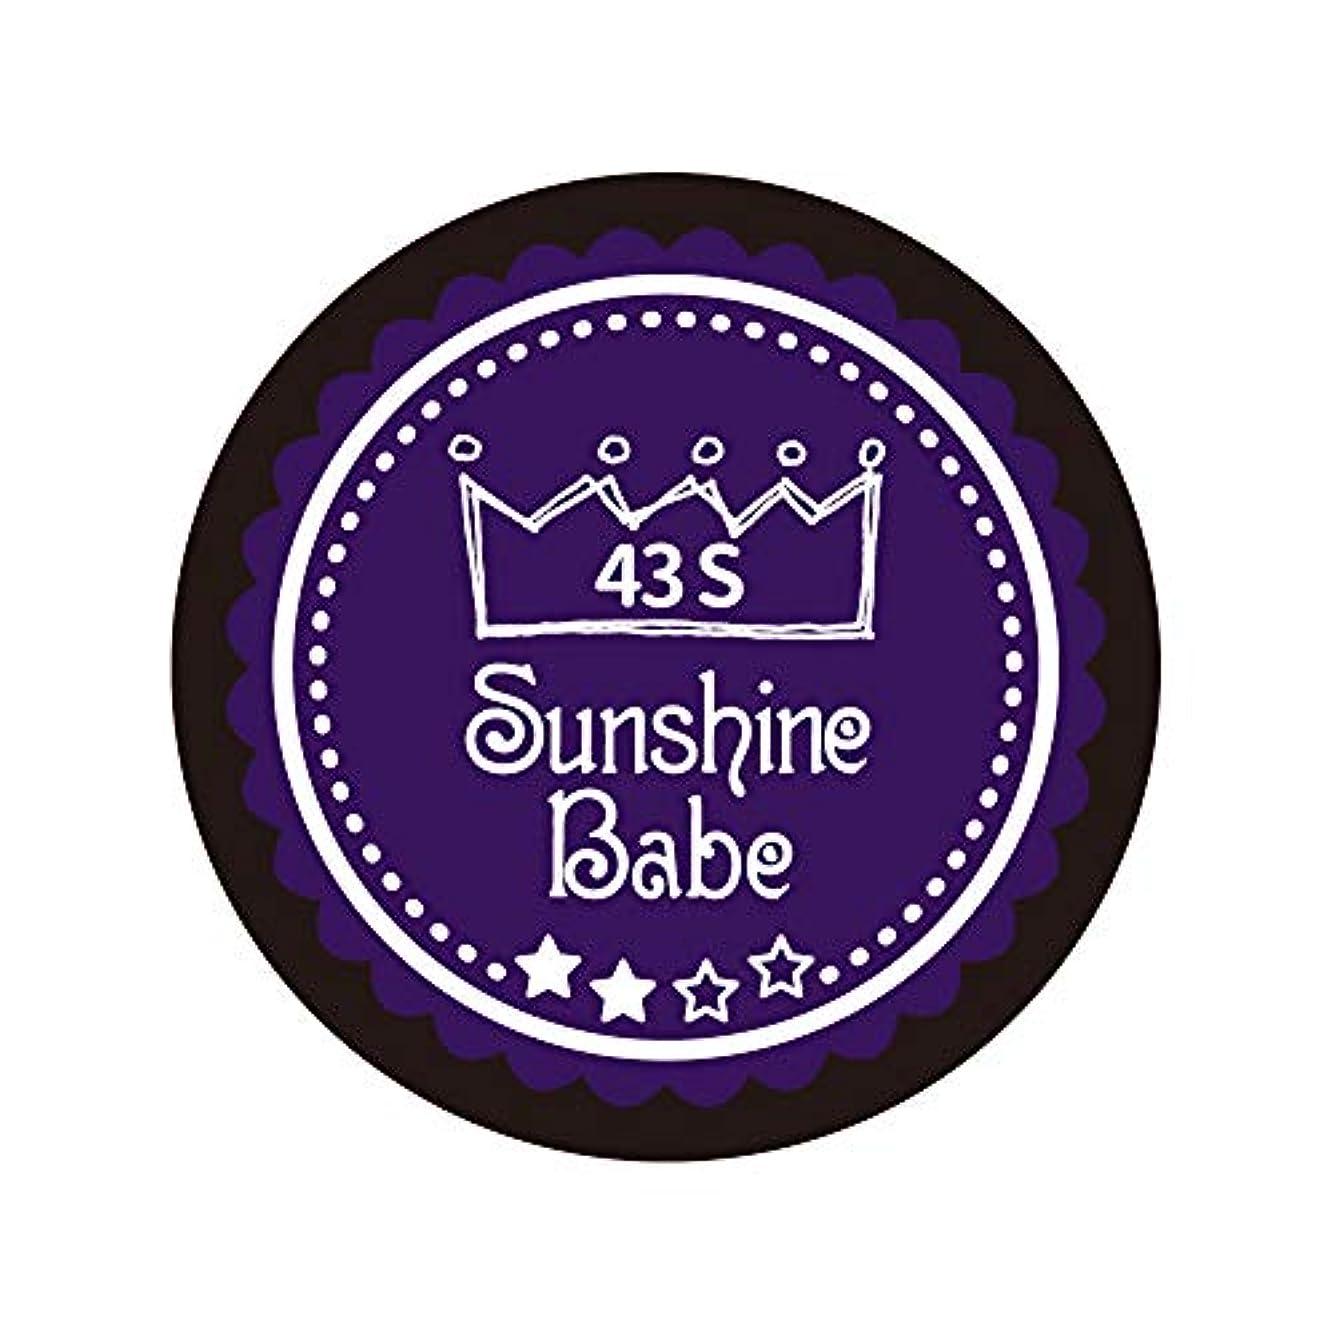 ドライブ取り扱い物語Sunshine Babe カラージェル 43S オータムウルトラバイオレット 4g UV/LED対応